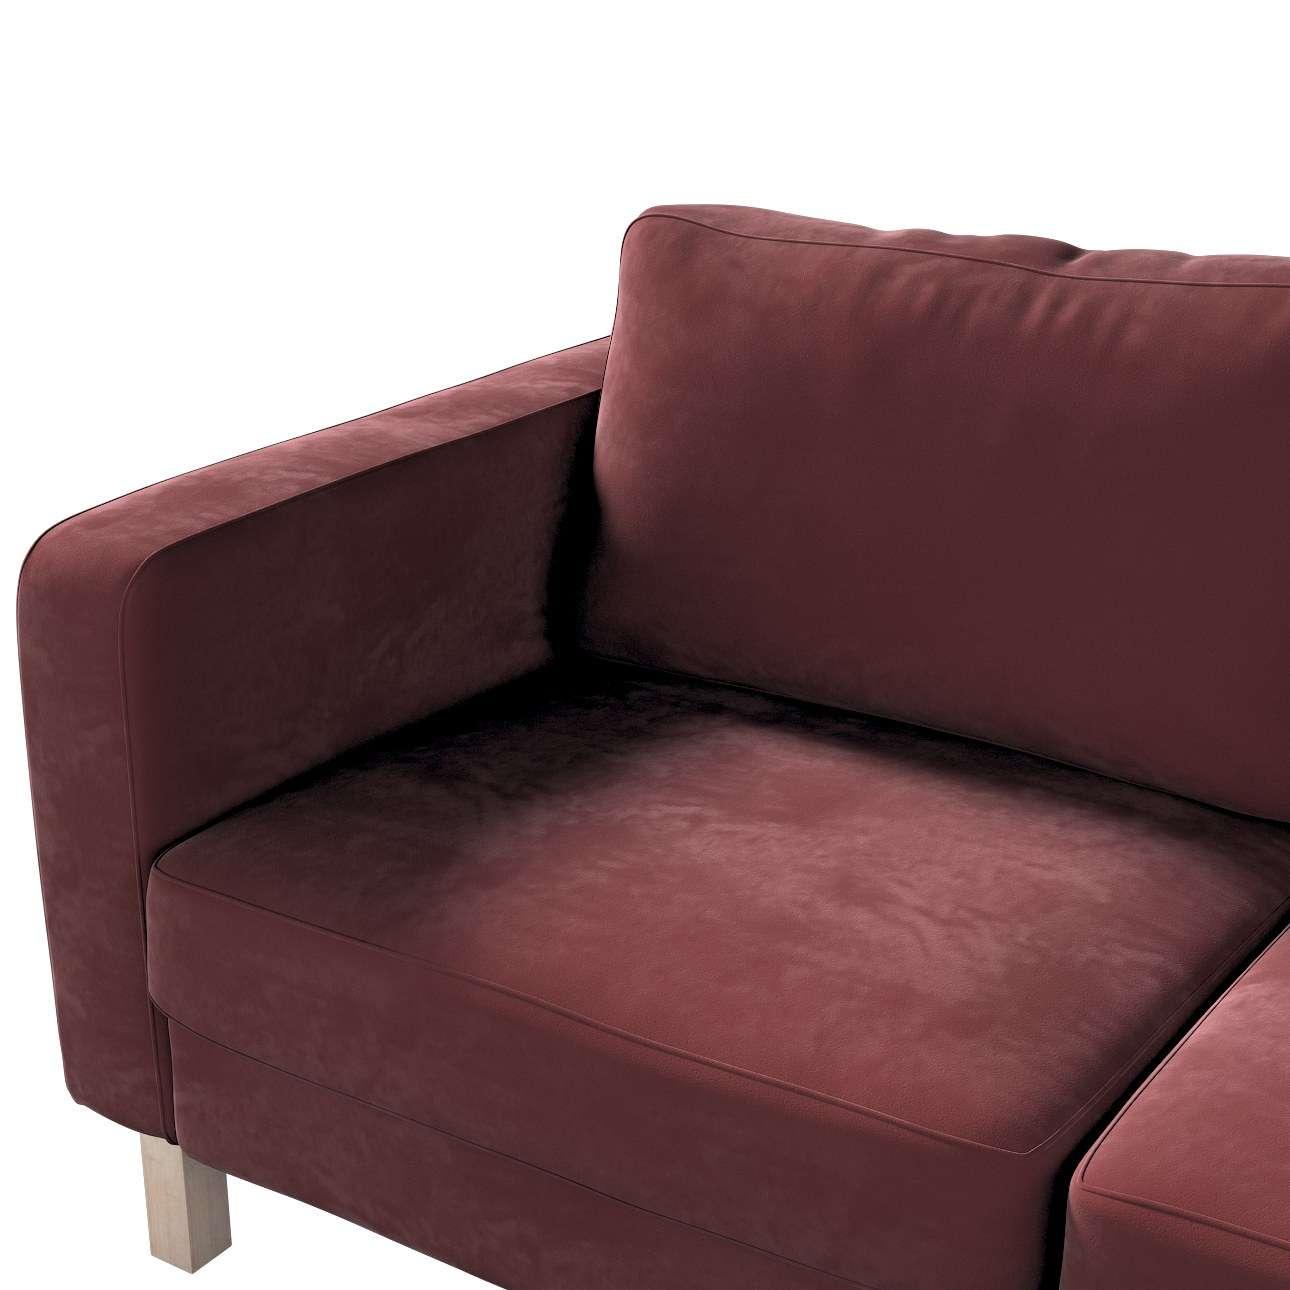 Pokrowiec na sofę Karlstad 2-osobową nierozkładaną krótki w kolekcji Velvet, tkanina: 704-26